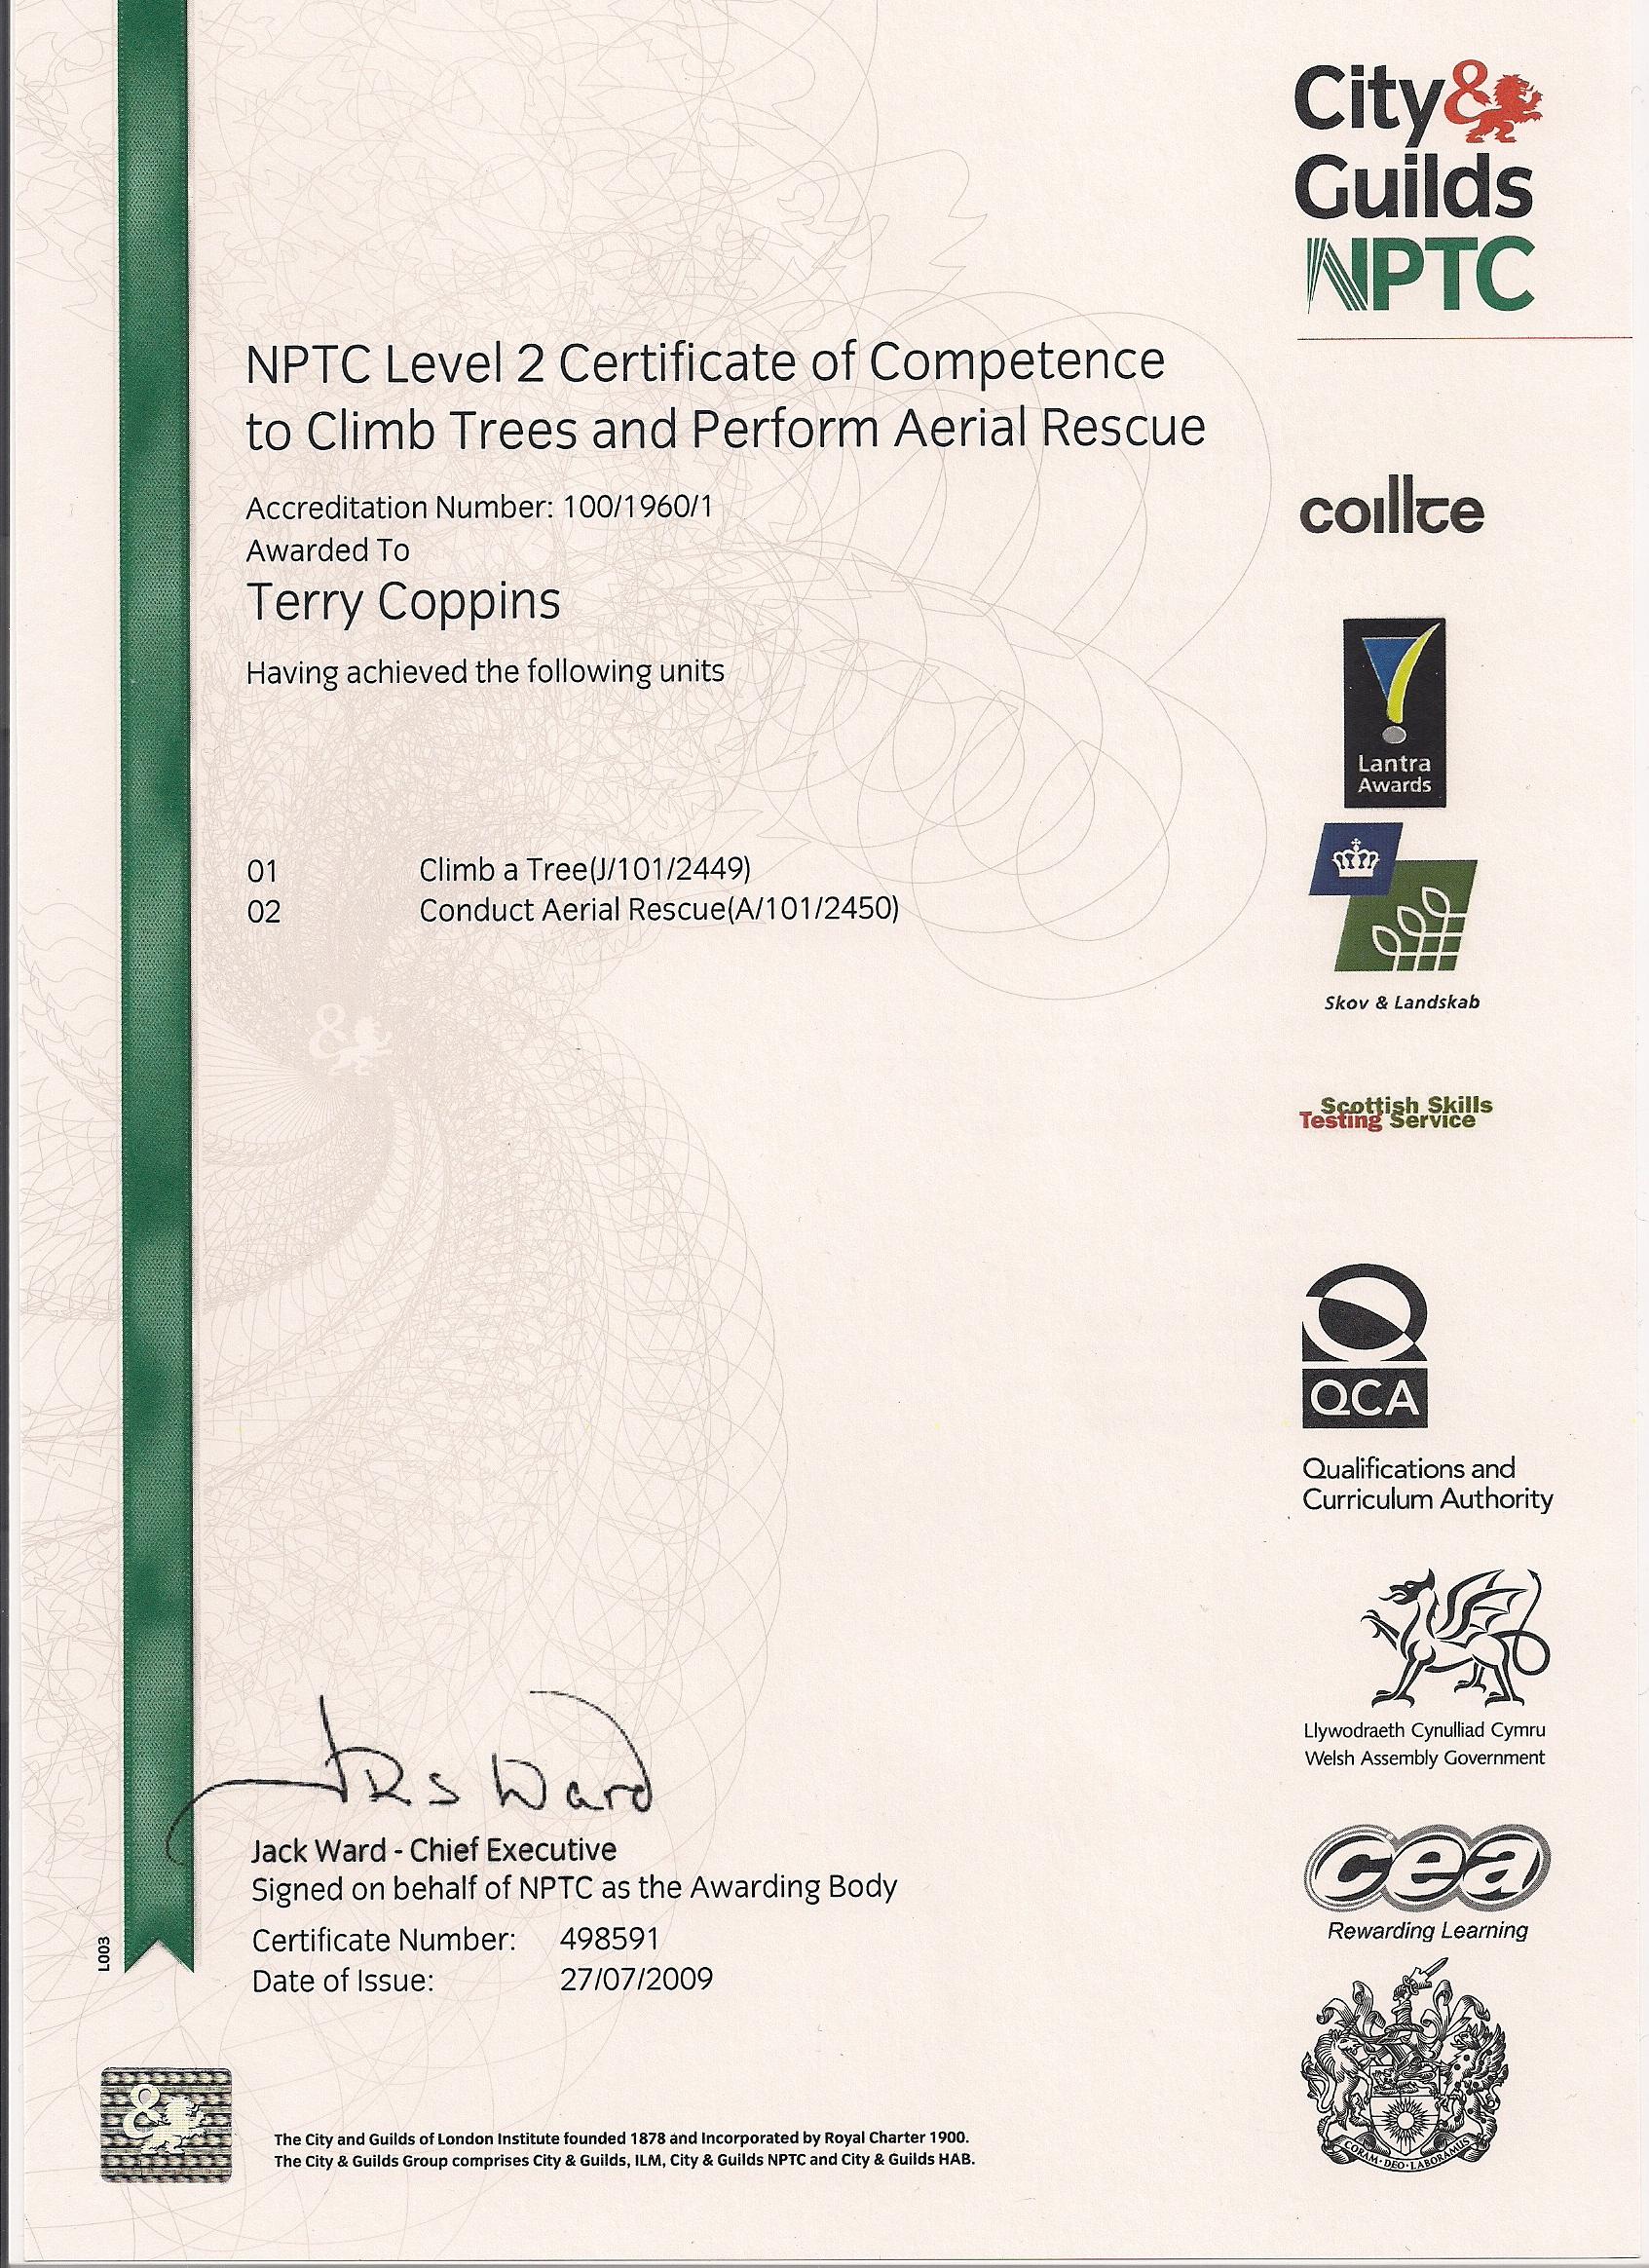 NPTC cs38